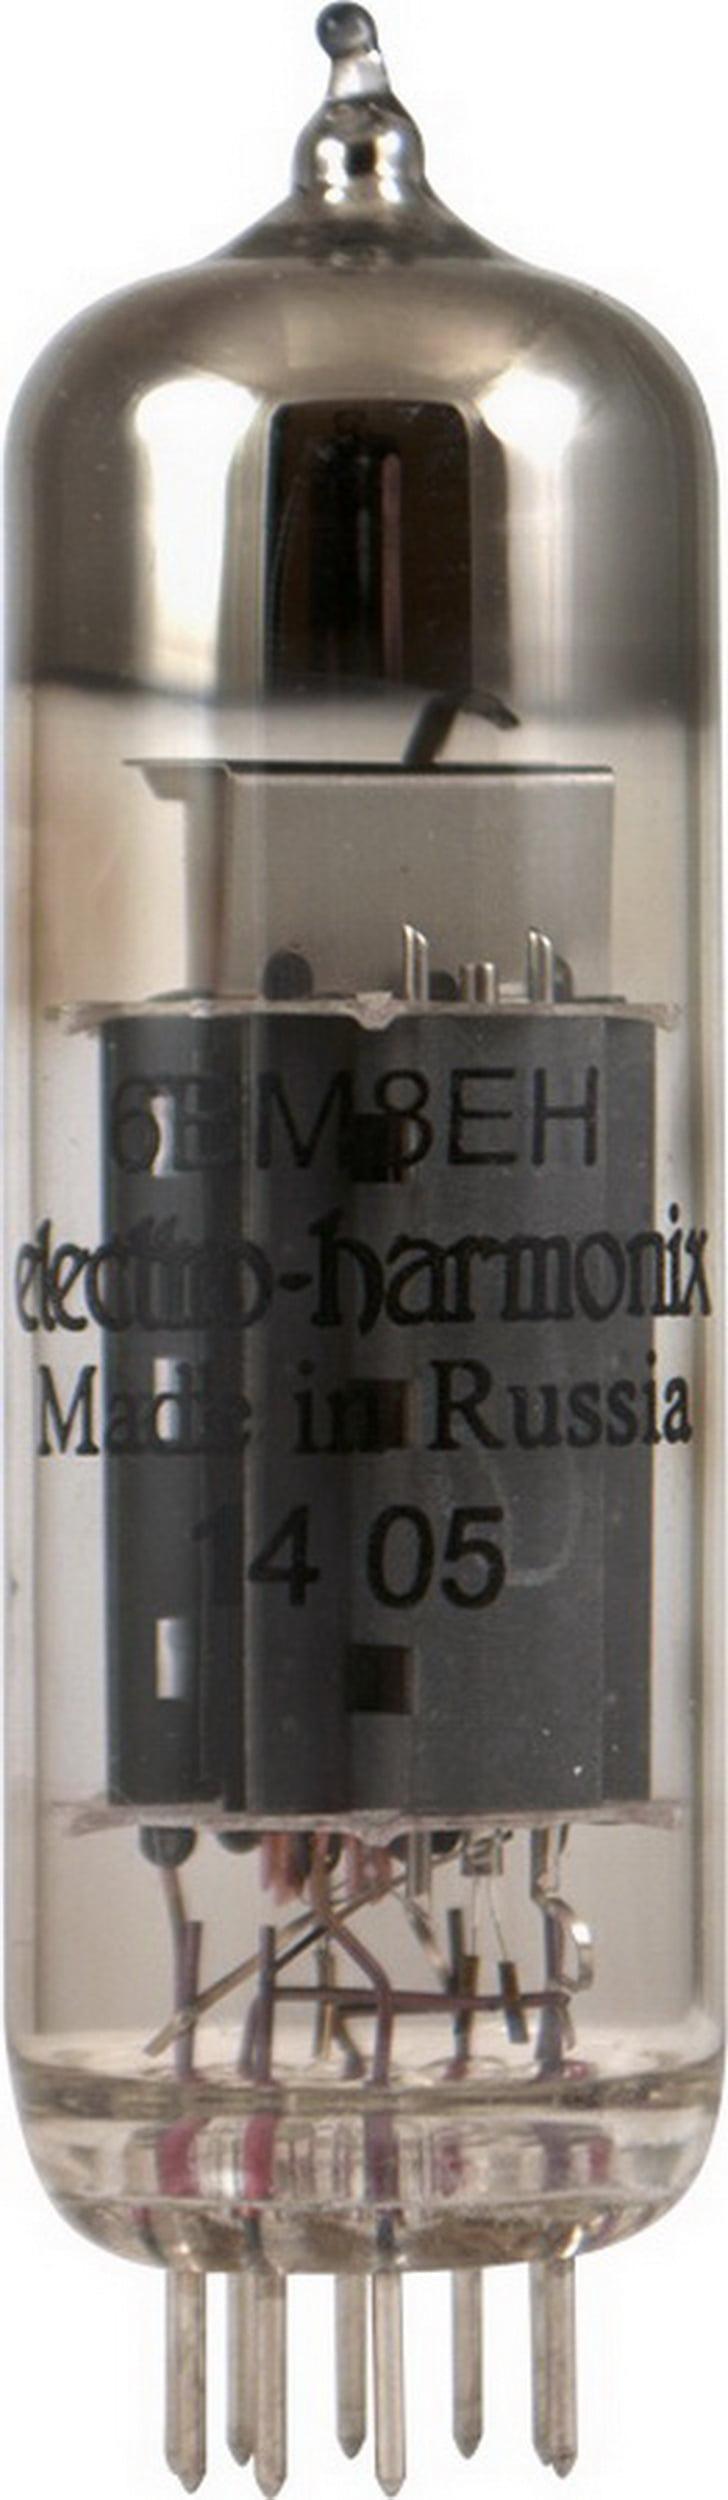 6BM8 Electro-Harmonix by